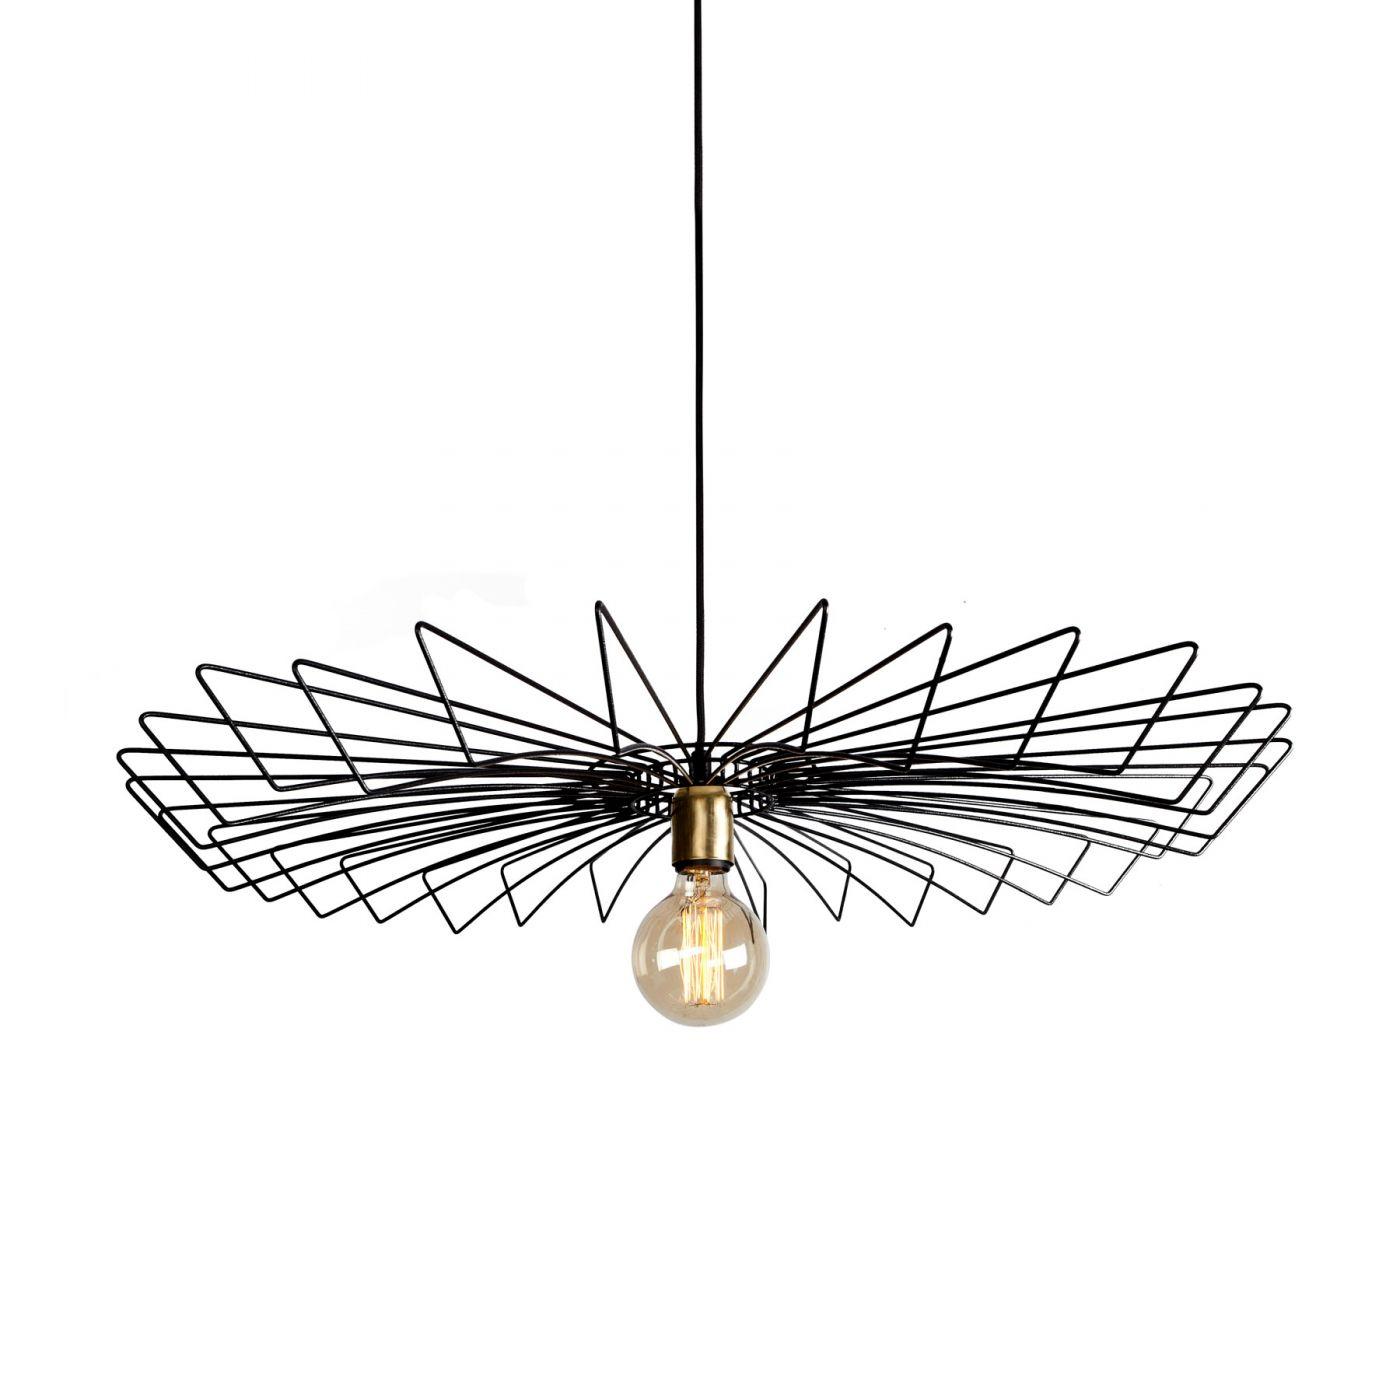 Umbrella Black 8873 - Nowodvorski - lampa wisząca nowoczesna  GWARANCJA NAJNIŻSZEJ CENY!